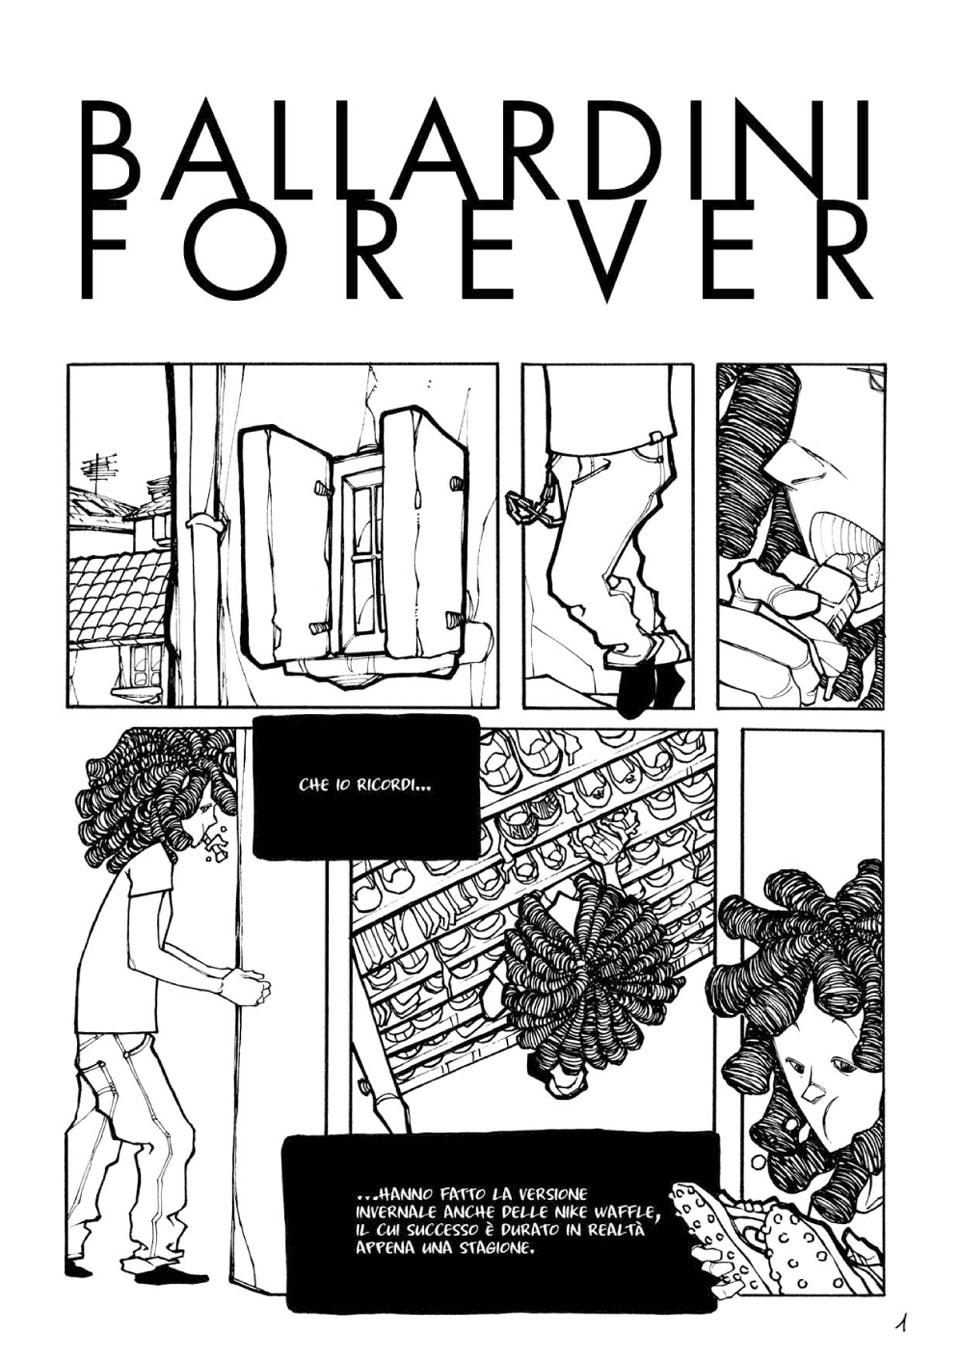 ballardini_forever-03